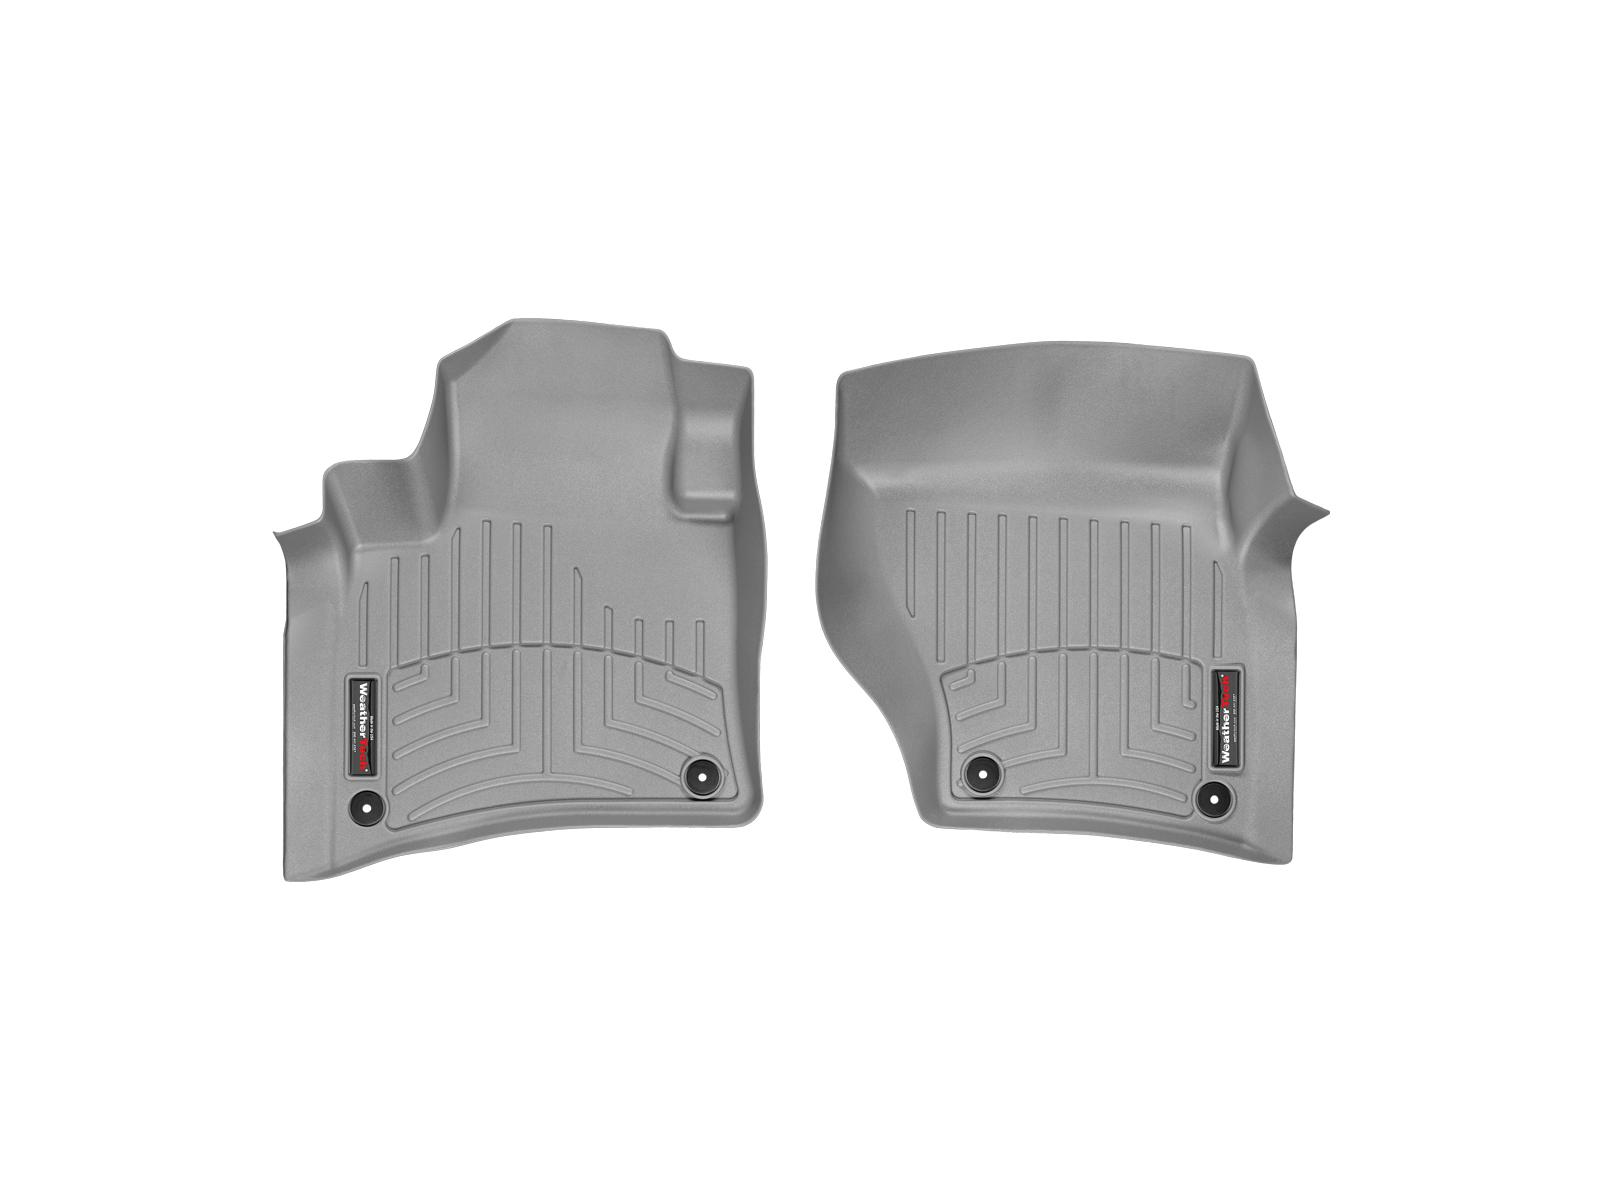 Tappeti gomma su misura bordo alto Volkswagen Touareg 10>10 Grigio A4310*